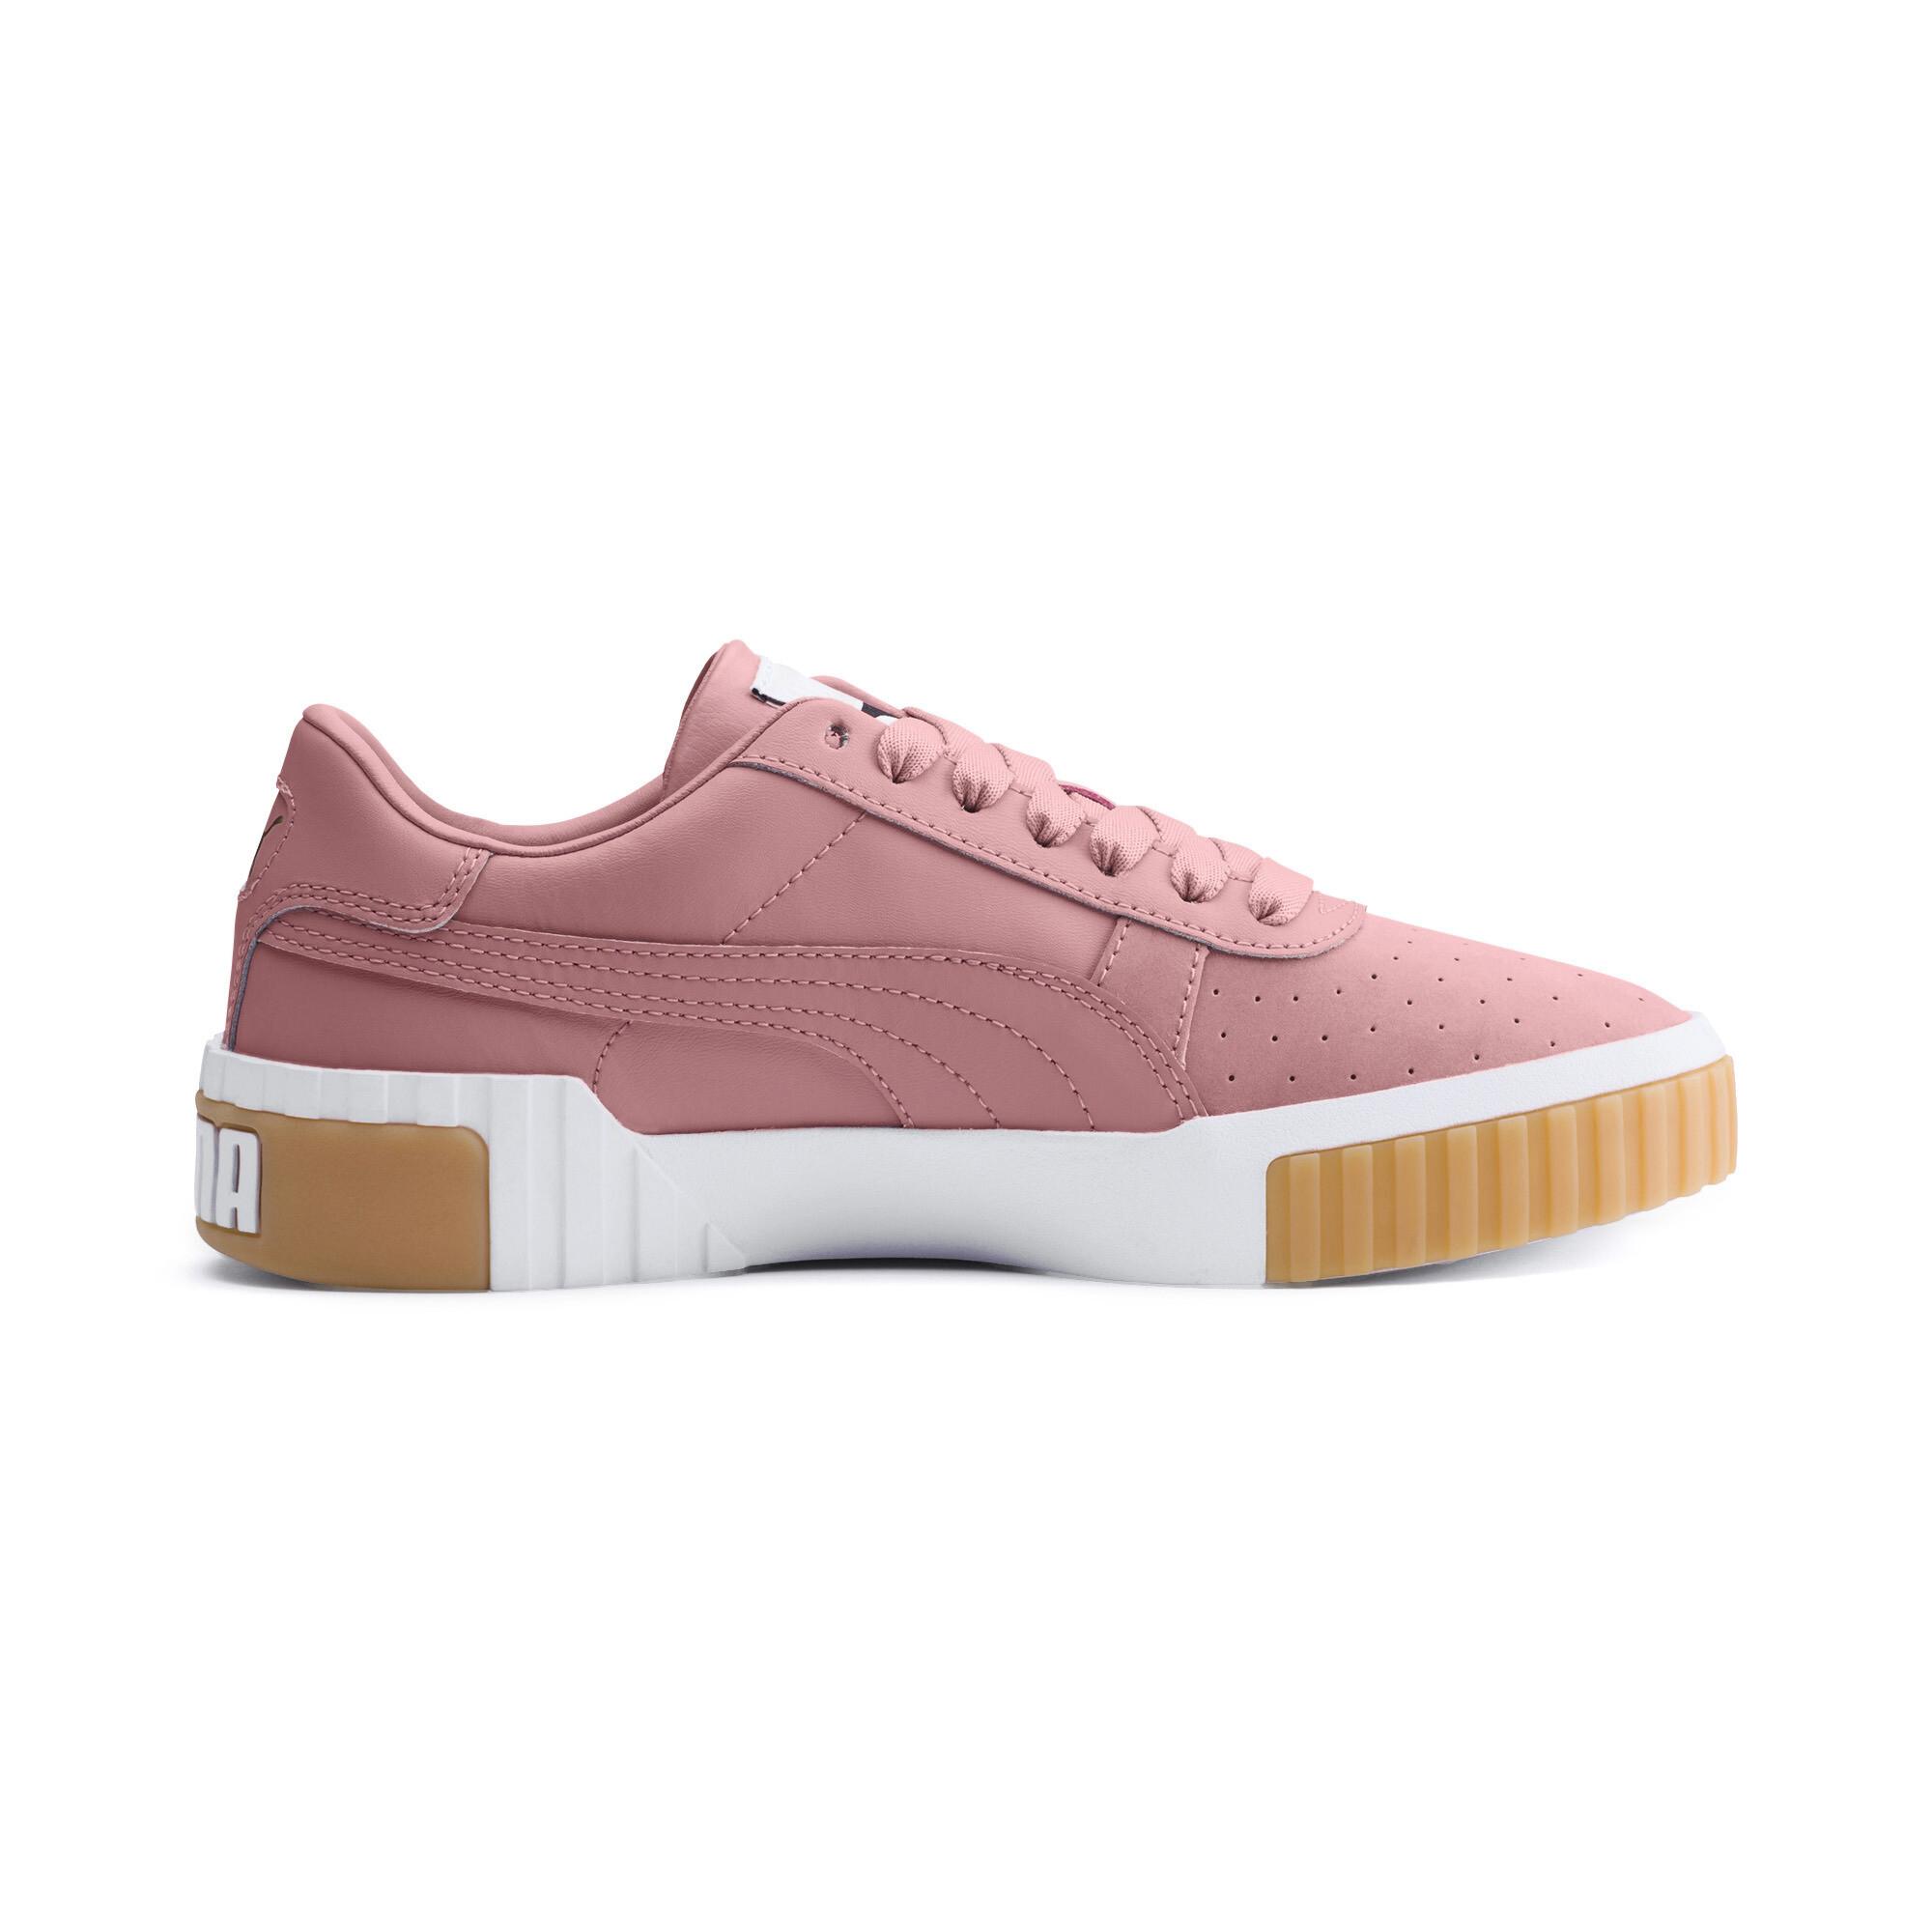 Image Puma Cali Exotic Women's Sneakers #5